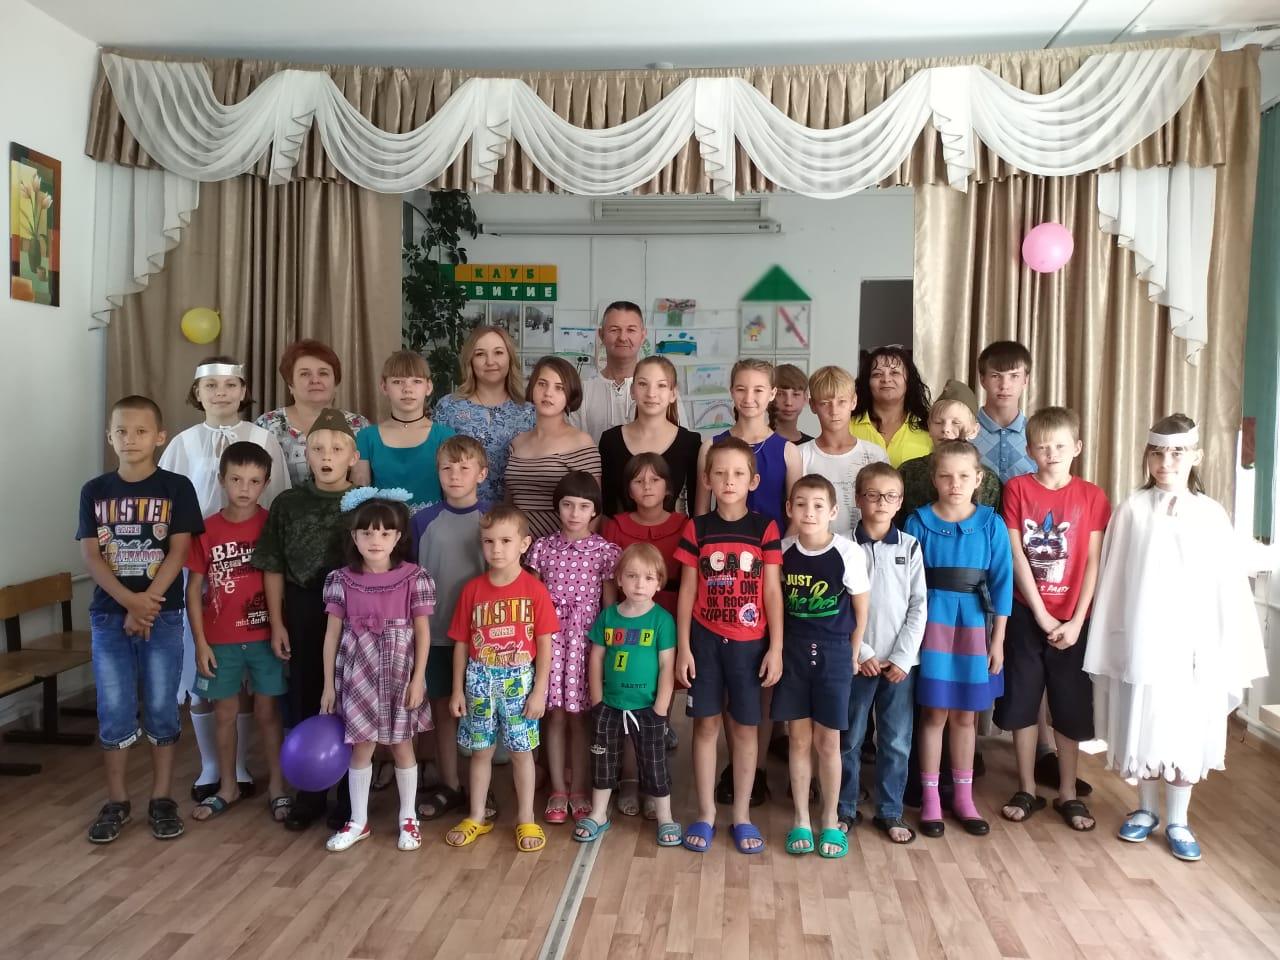 Медики Благовещенска привезли подарки детям в социальный центр